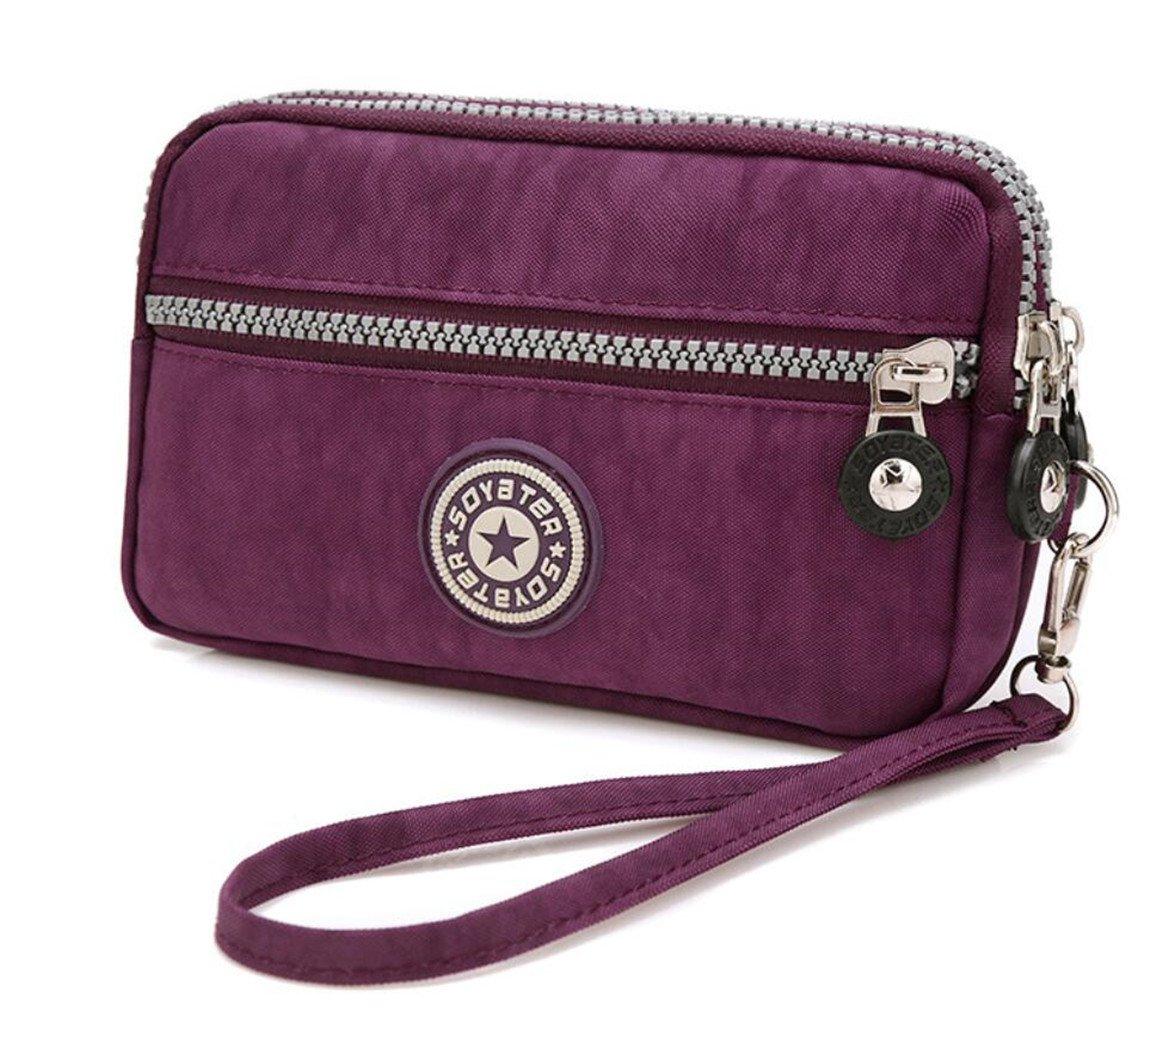 3 Zippers Clutch Wallet Waterproof Nylon Cell phone Purse Wristlet Bag Money Pouch for Women (Dark Purple)